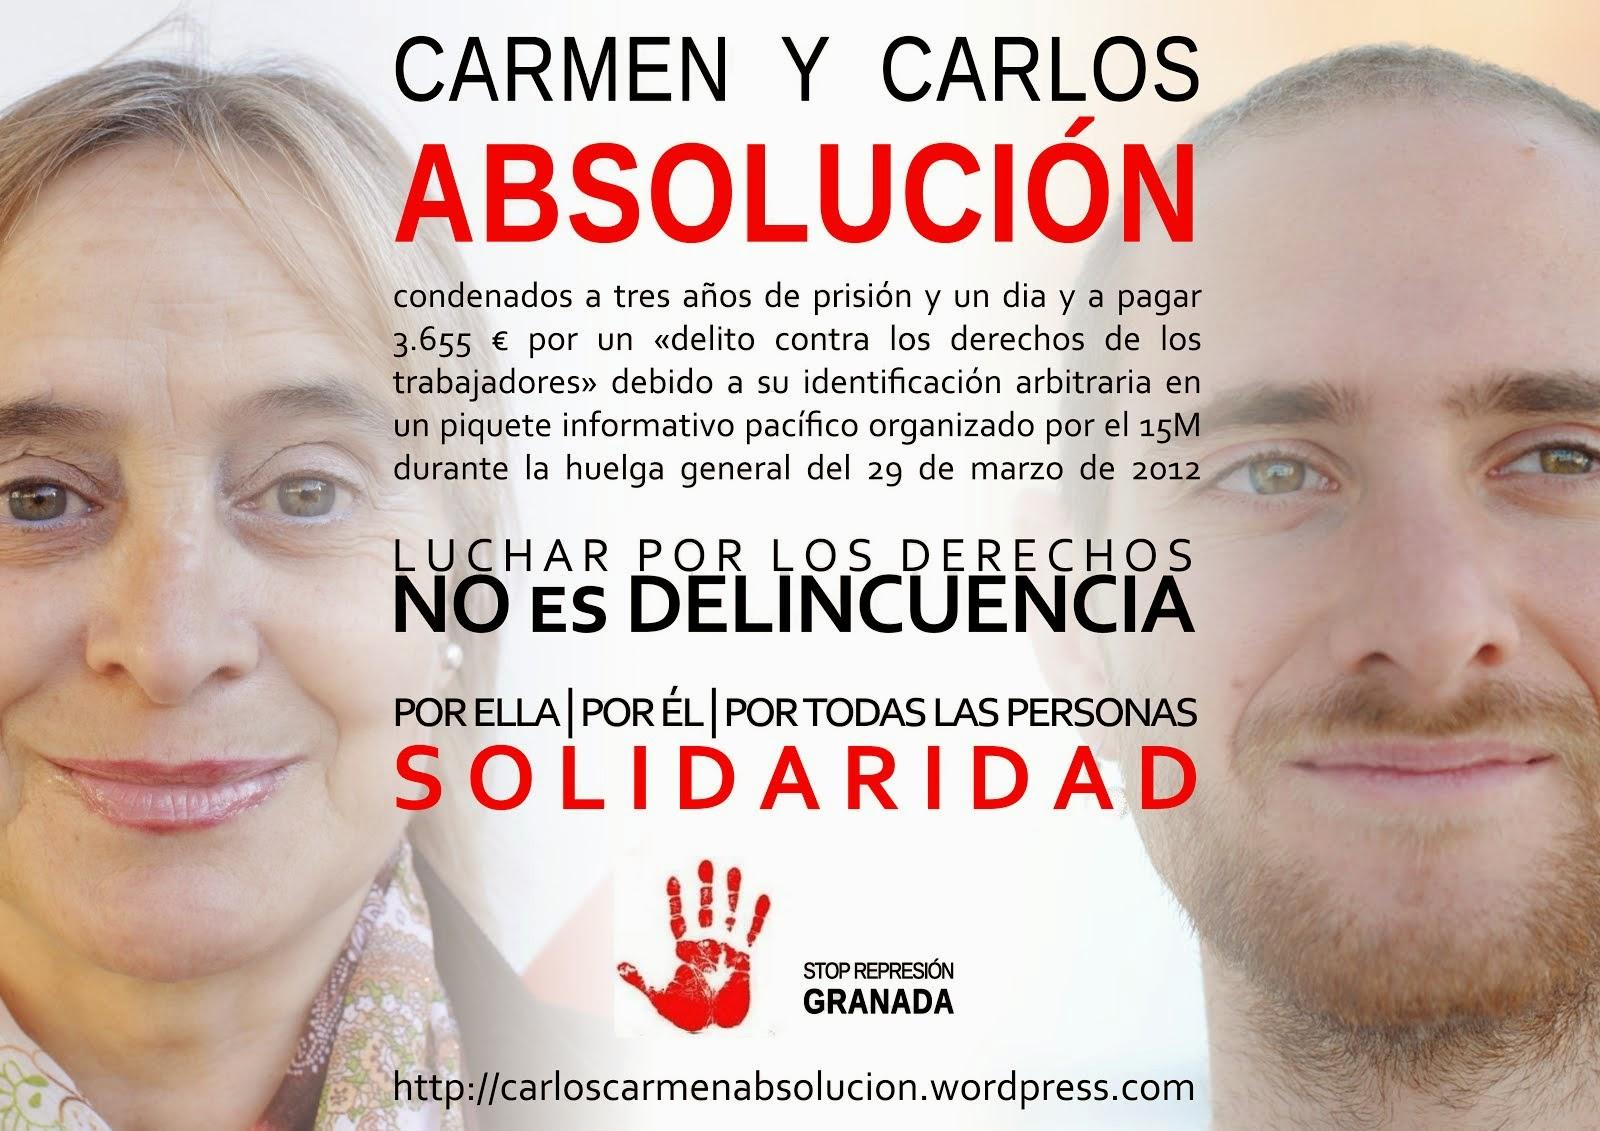 Absolució per a Carmen i Carlos - 3 anys de presó per la vaga del 29M